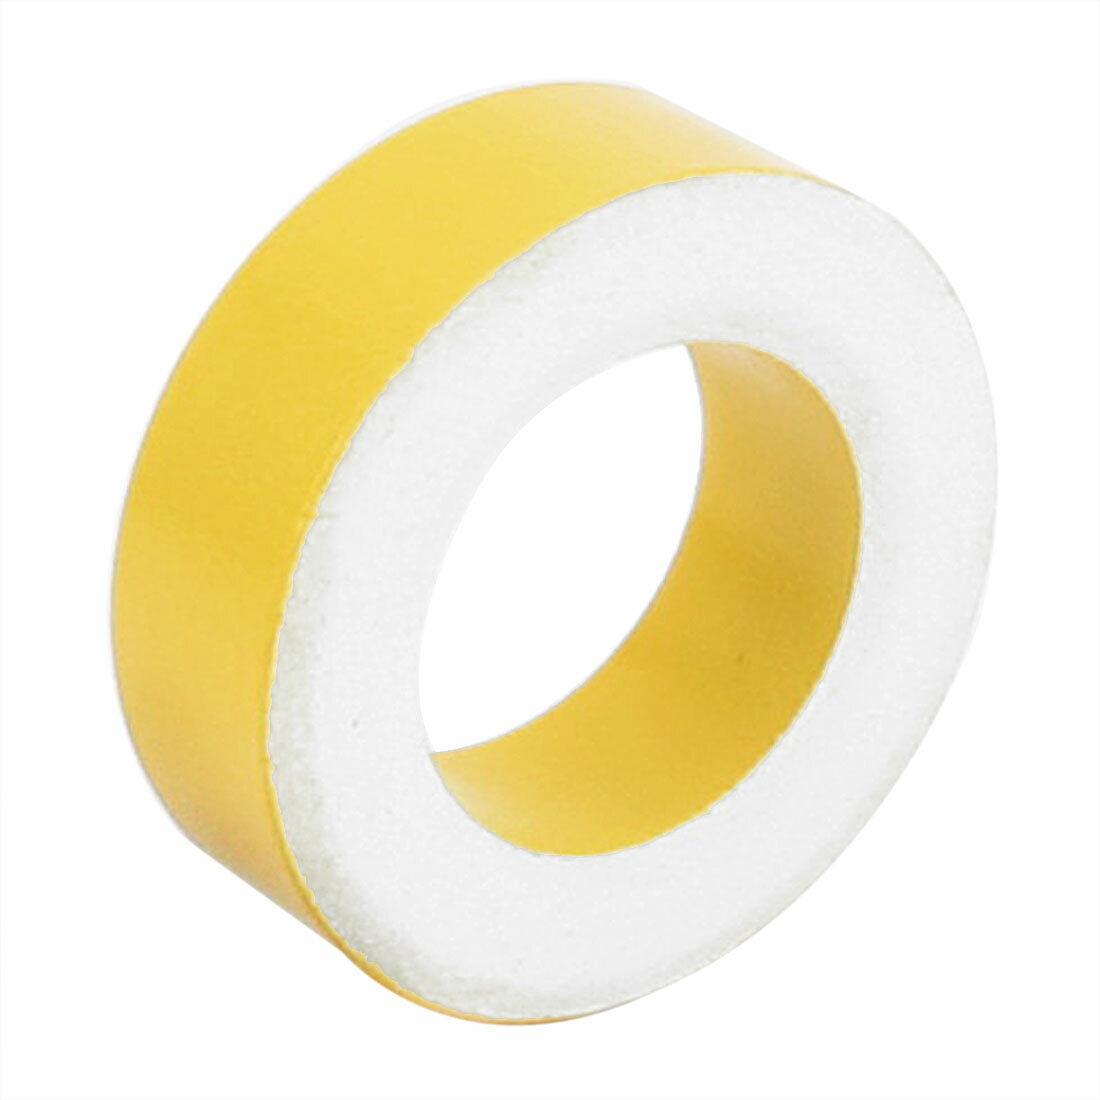 50pc T50-26 Yellow White 7.5mm Inner Diameter Ferrite Ring Iron Toroid Cores UK